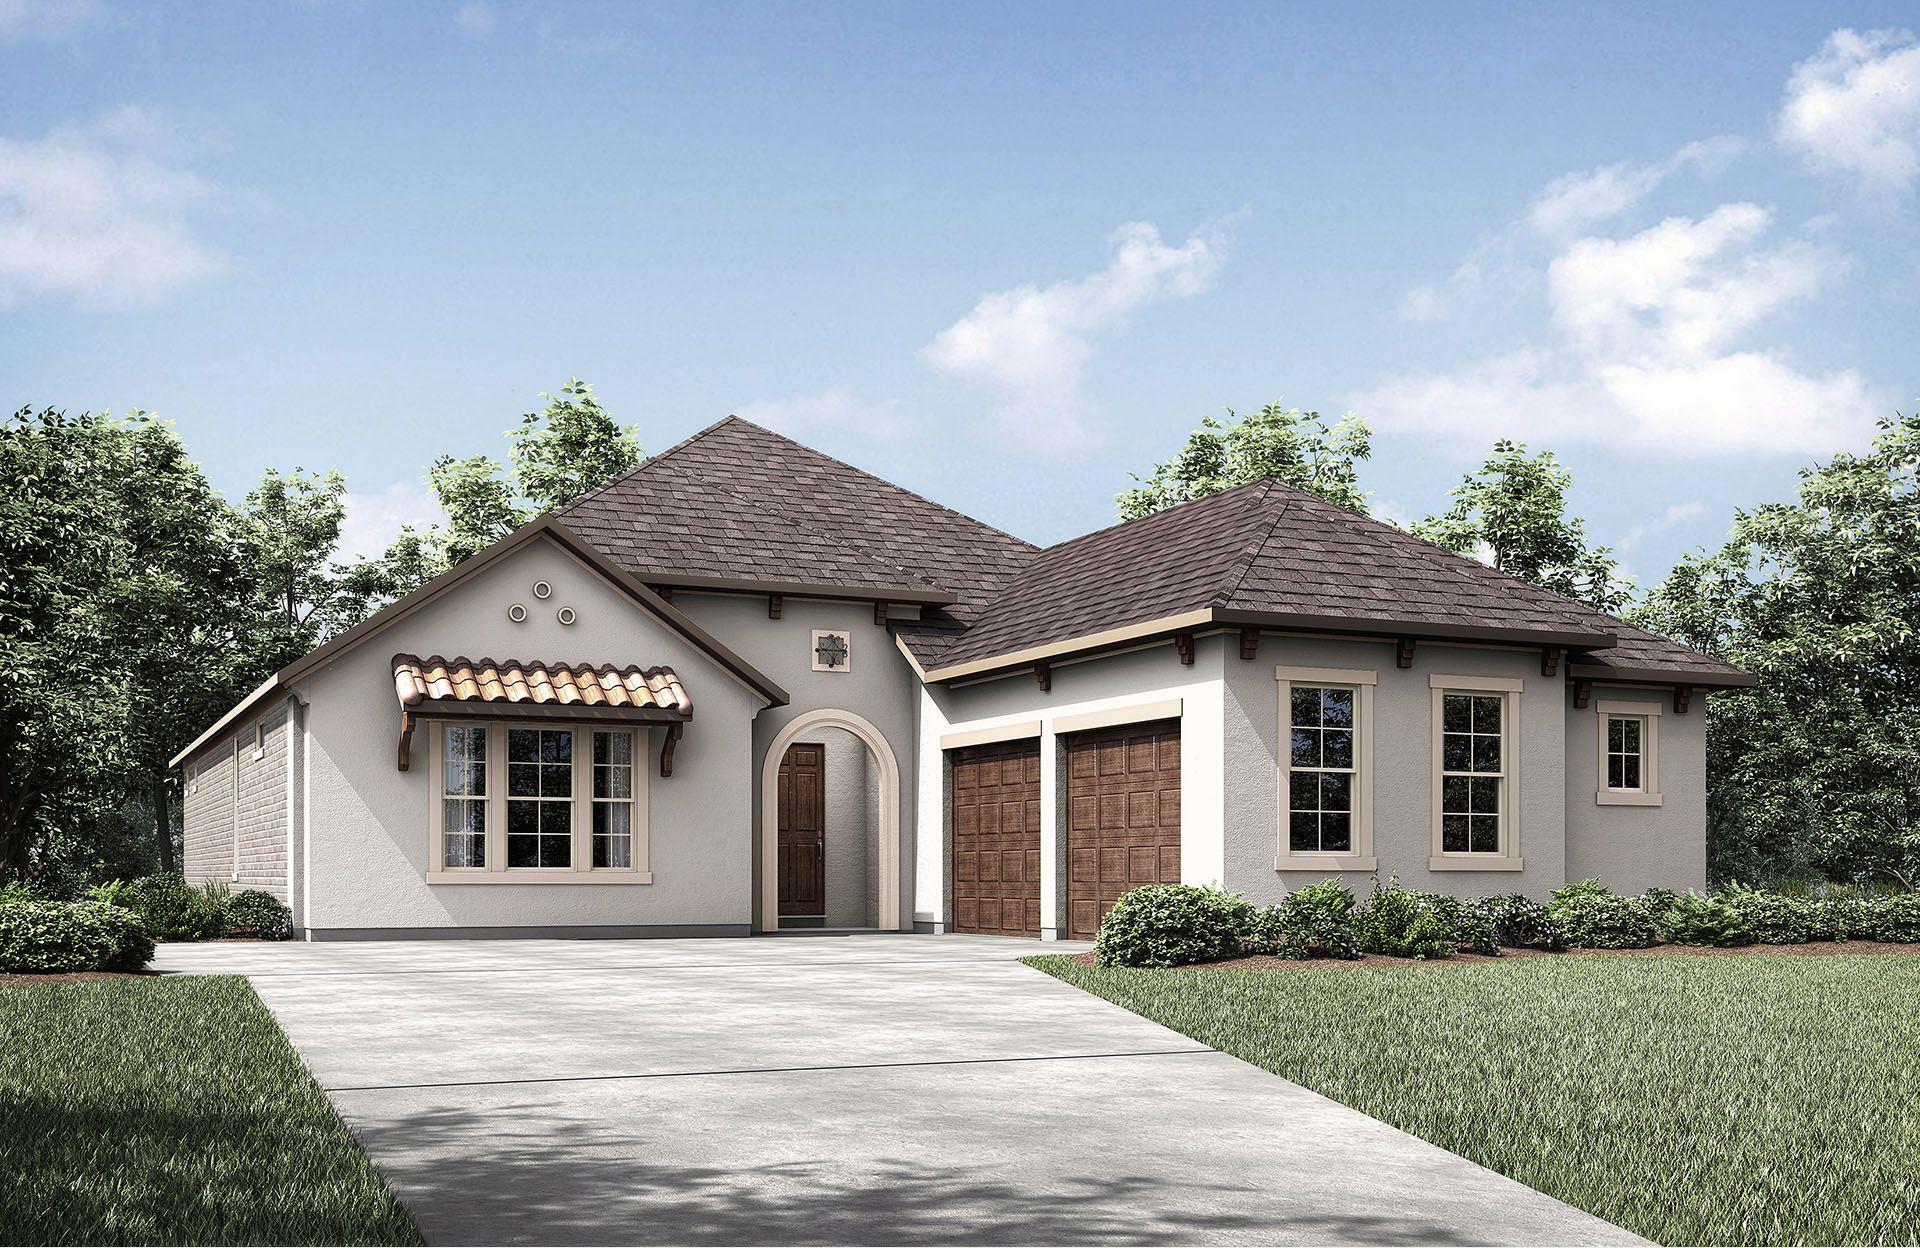 Real Estate at Villas of Hogan's Glen, Trophy Club in Denton County, TX 76262